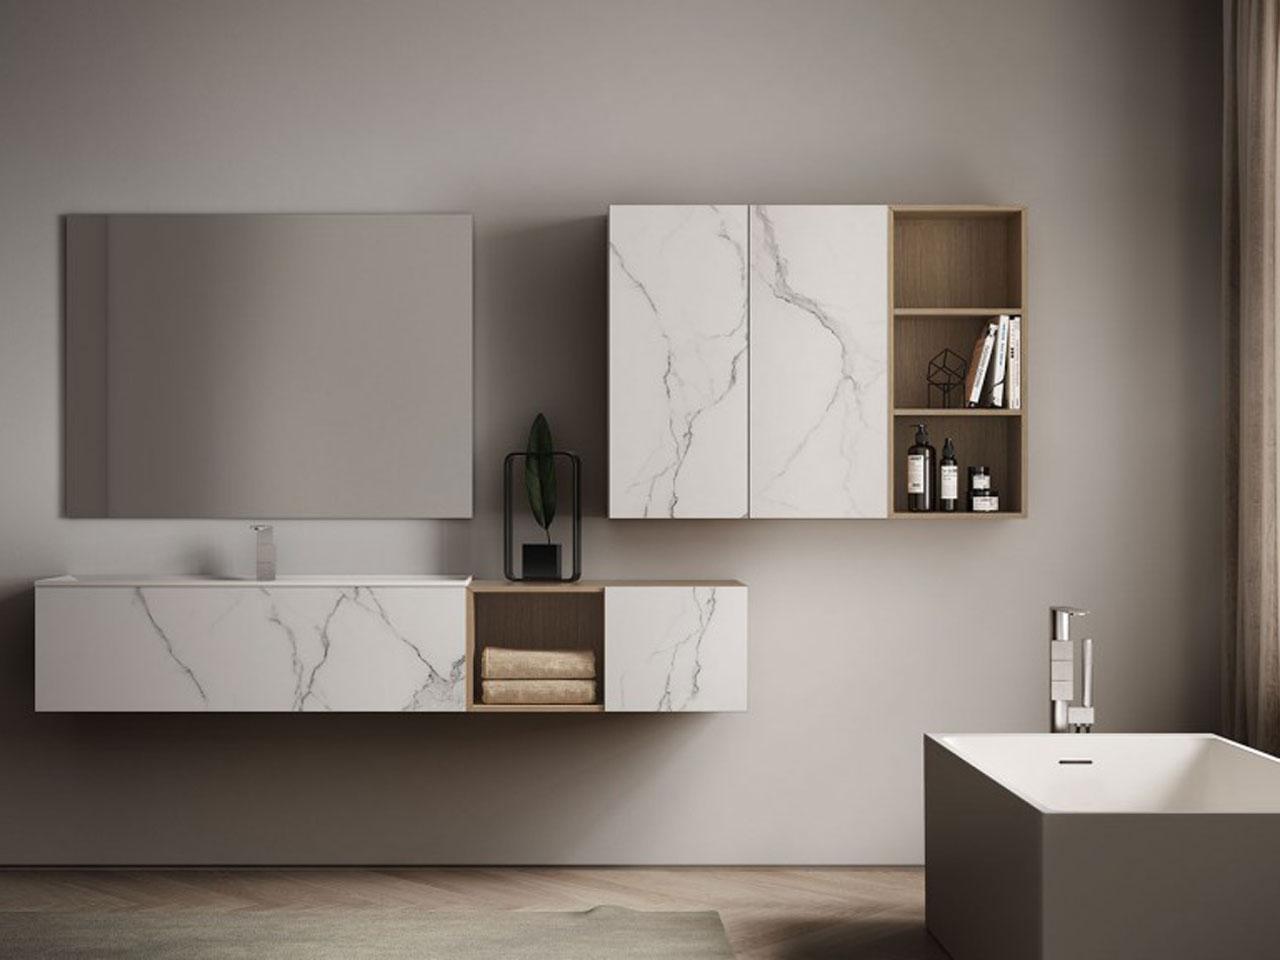 Bagnoidea prodotti e tendenze per arredare il bagno - Idee bagni moderni ...